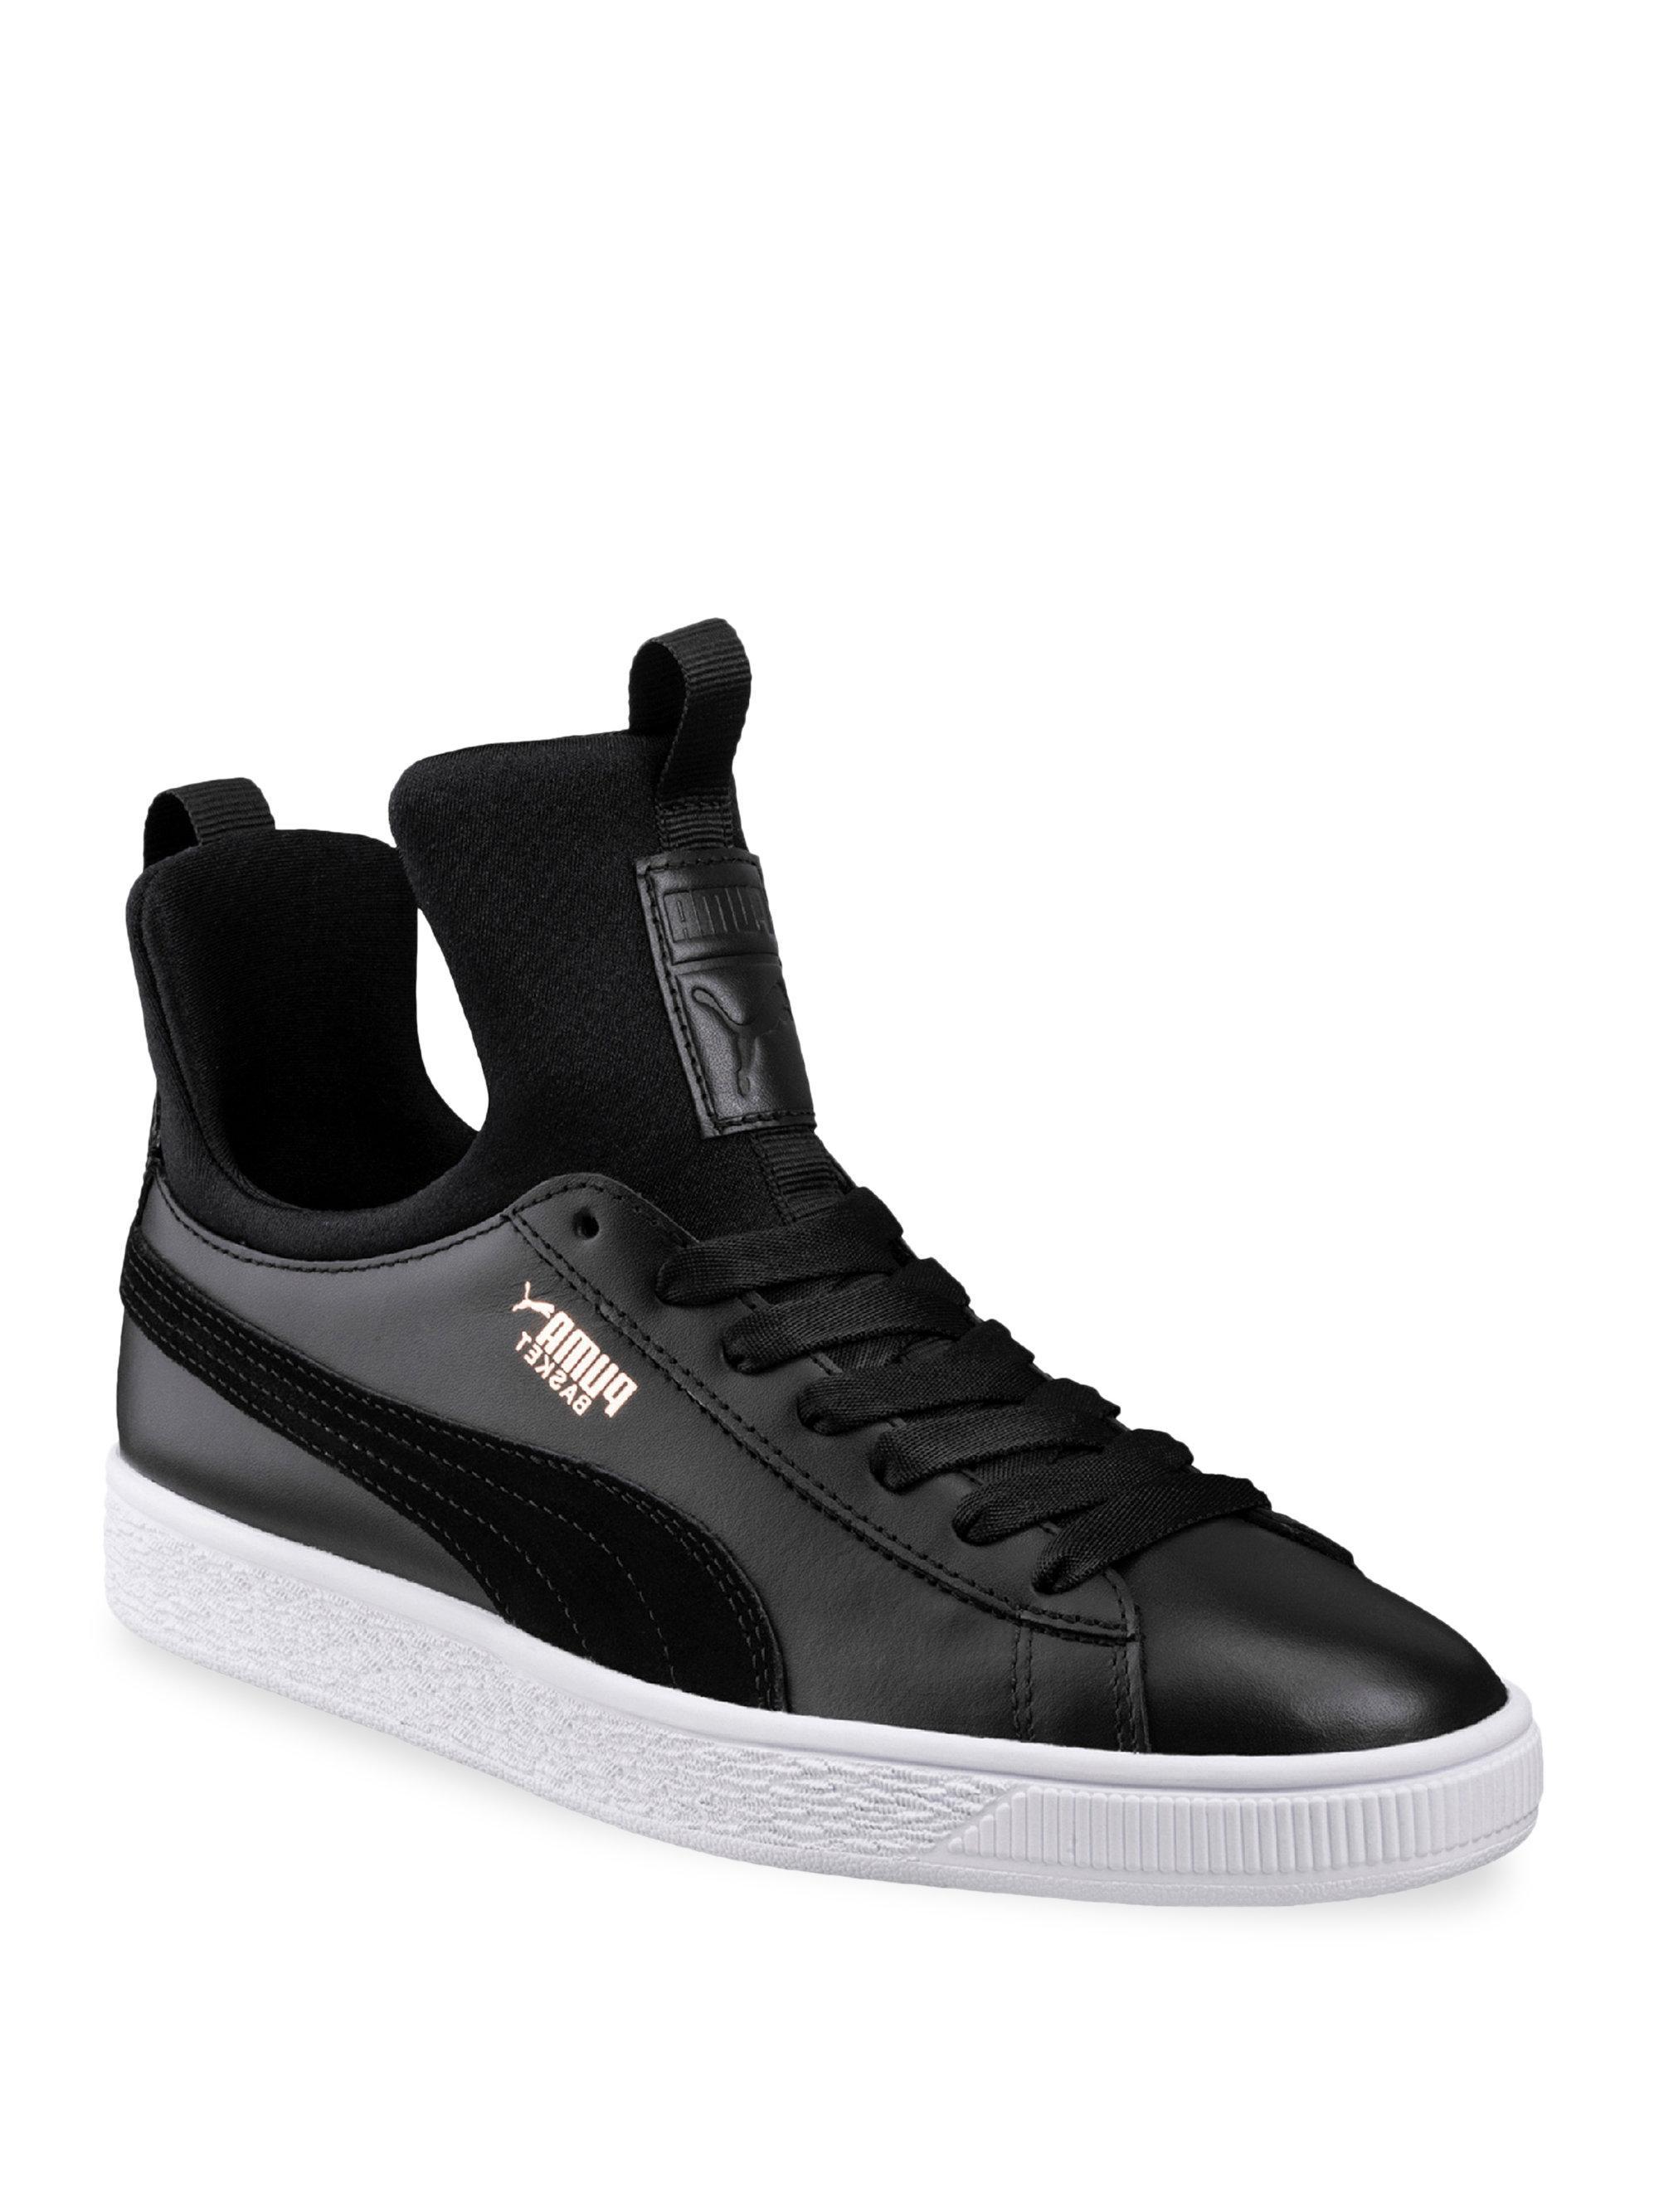 PUMA. Men's Black Basket Fierce Sneakers